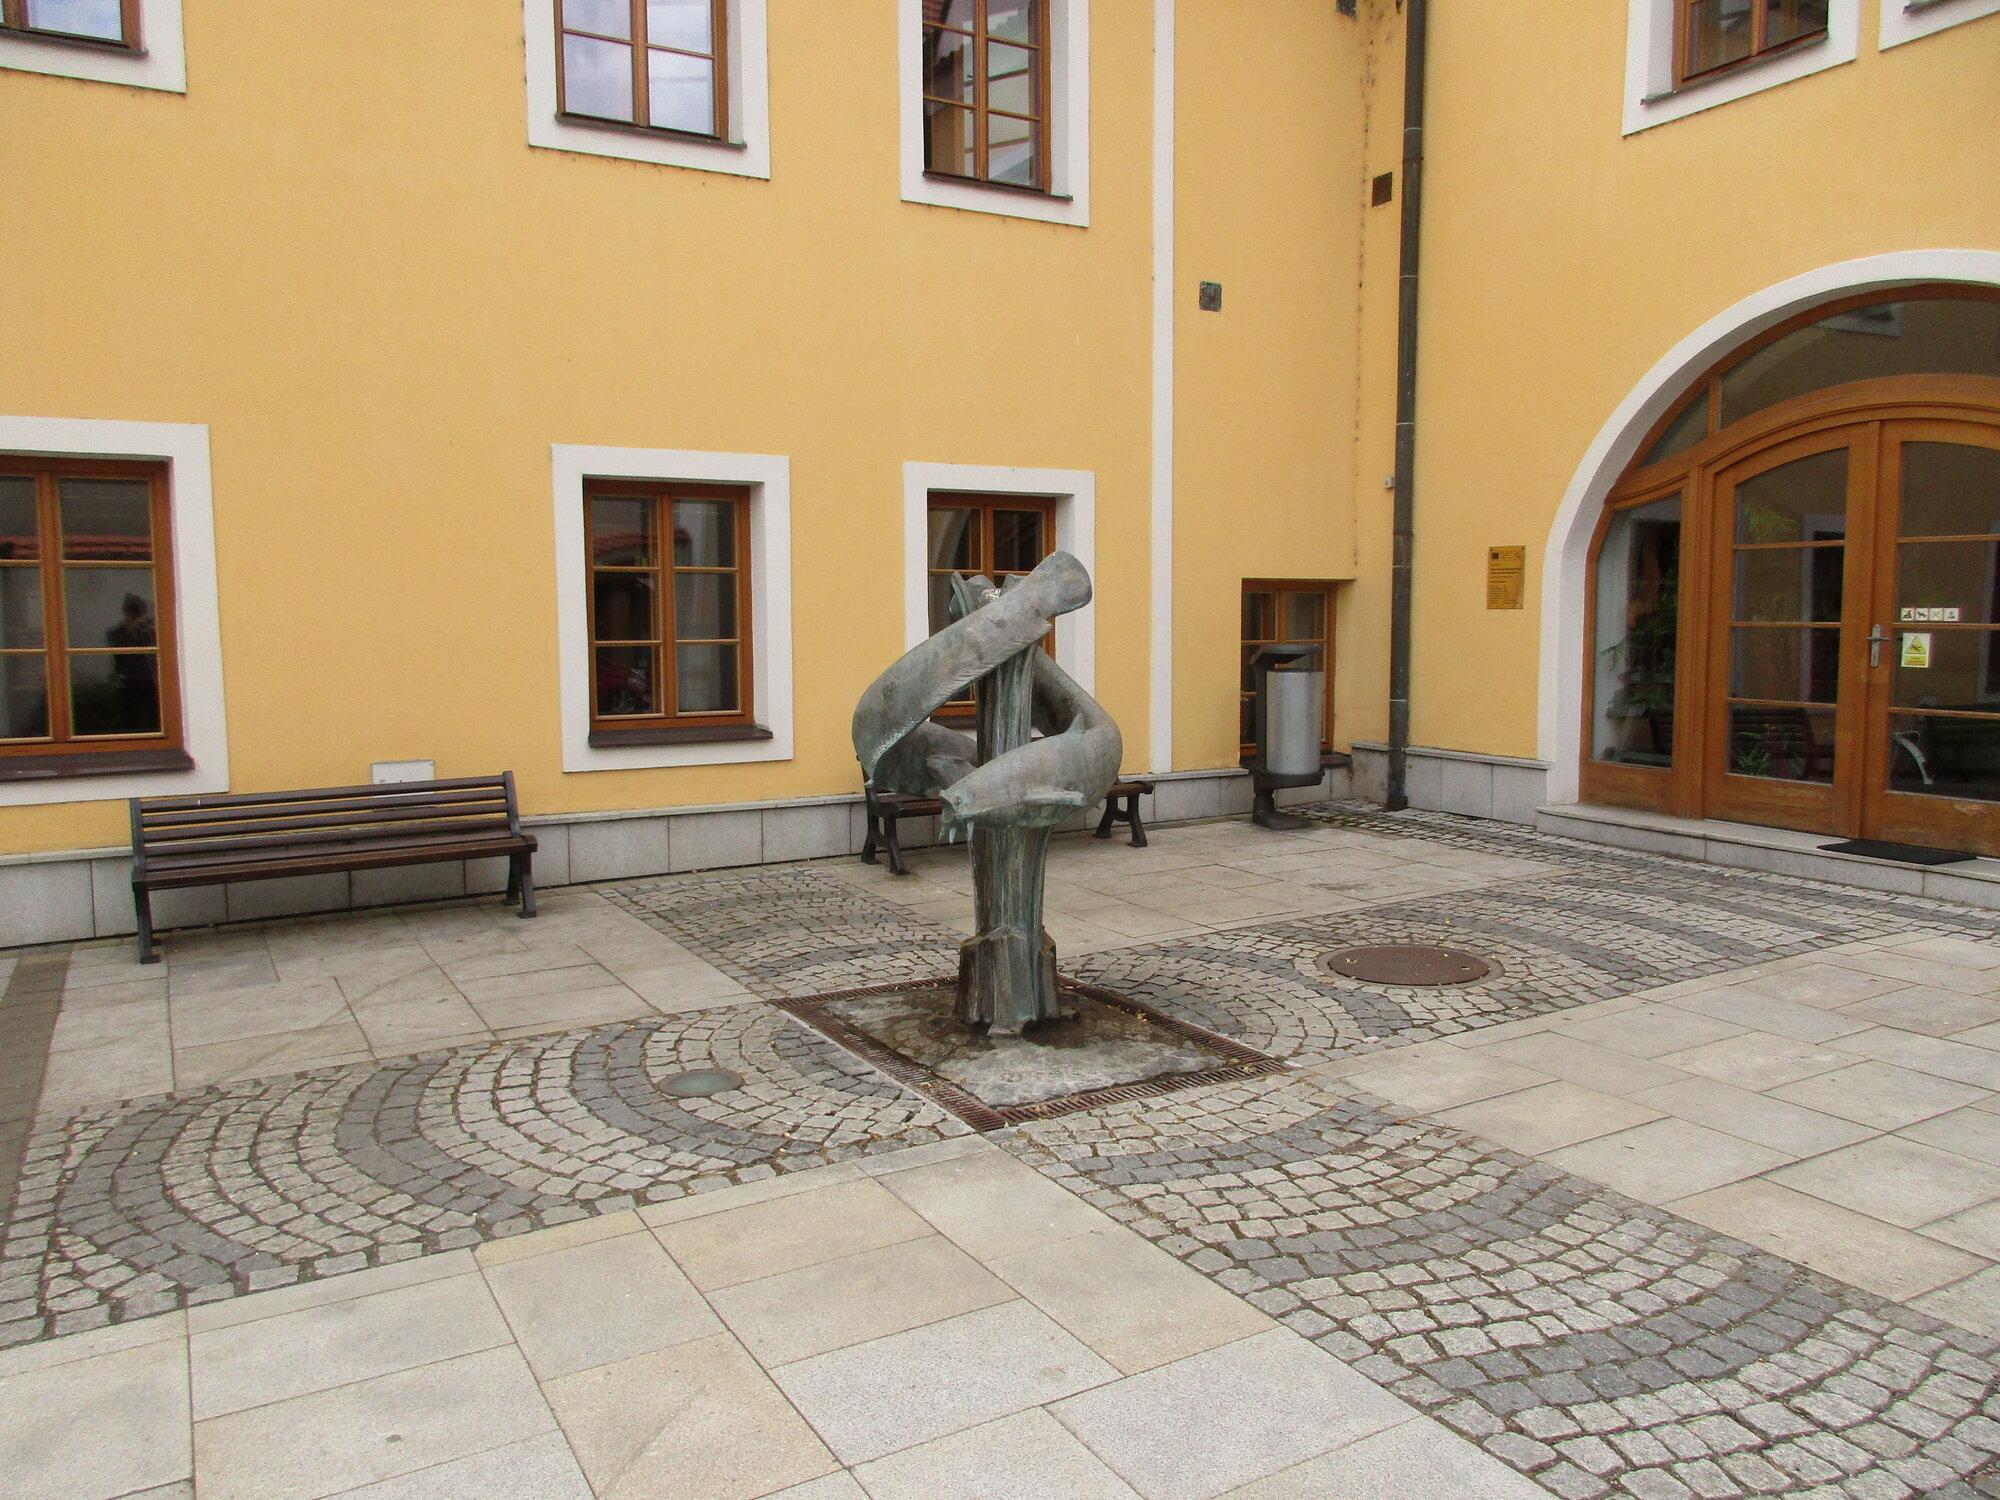 fontána před infocentrem